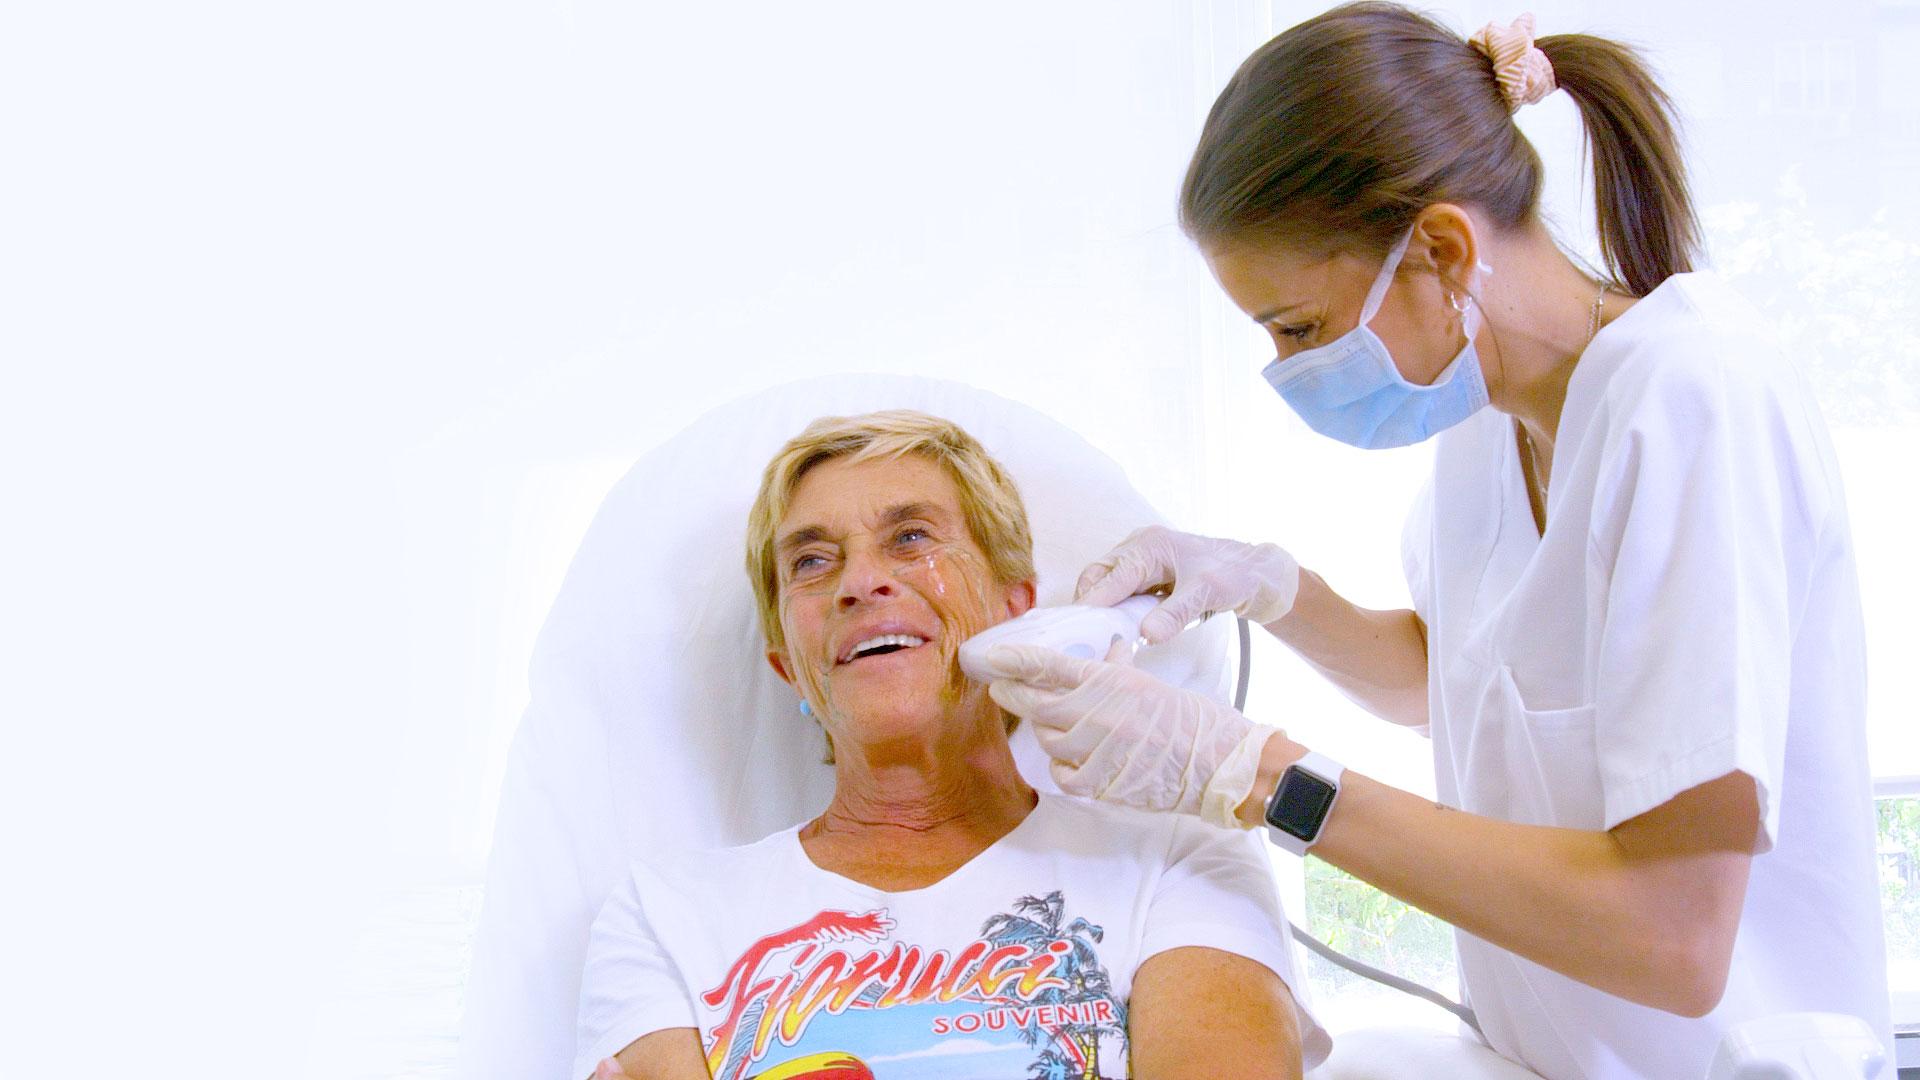 Chelo Garcías-Cortés renueva su rostro con un lifting sin cirugía